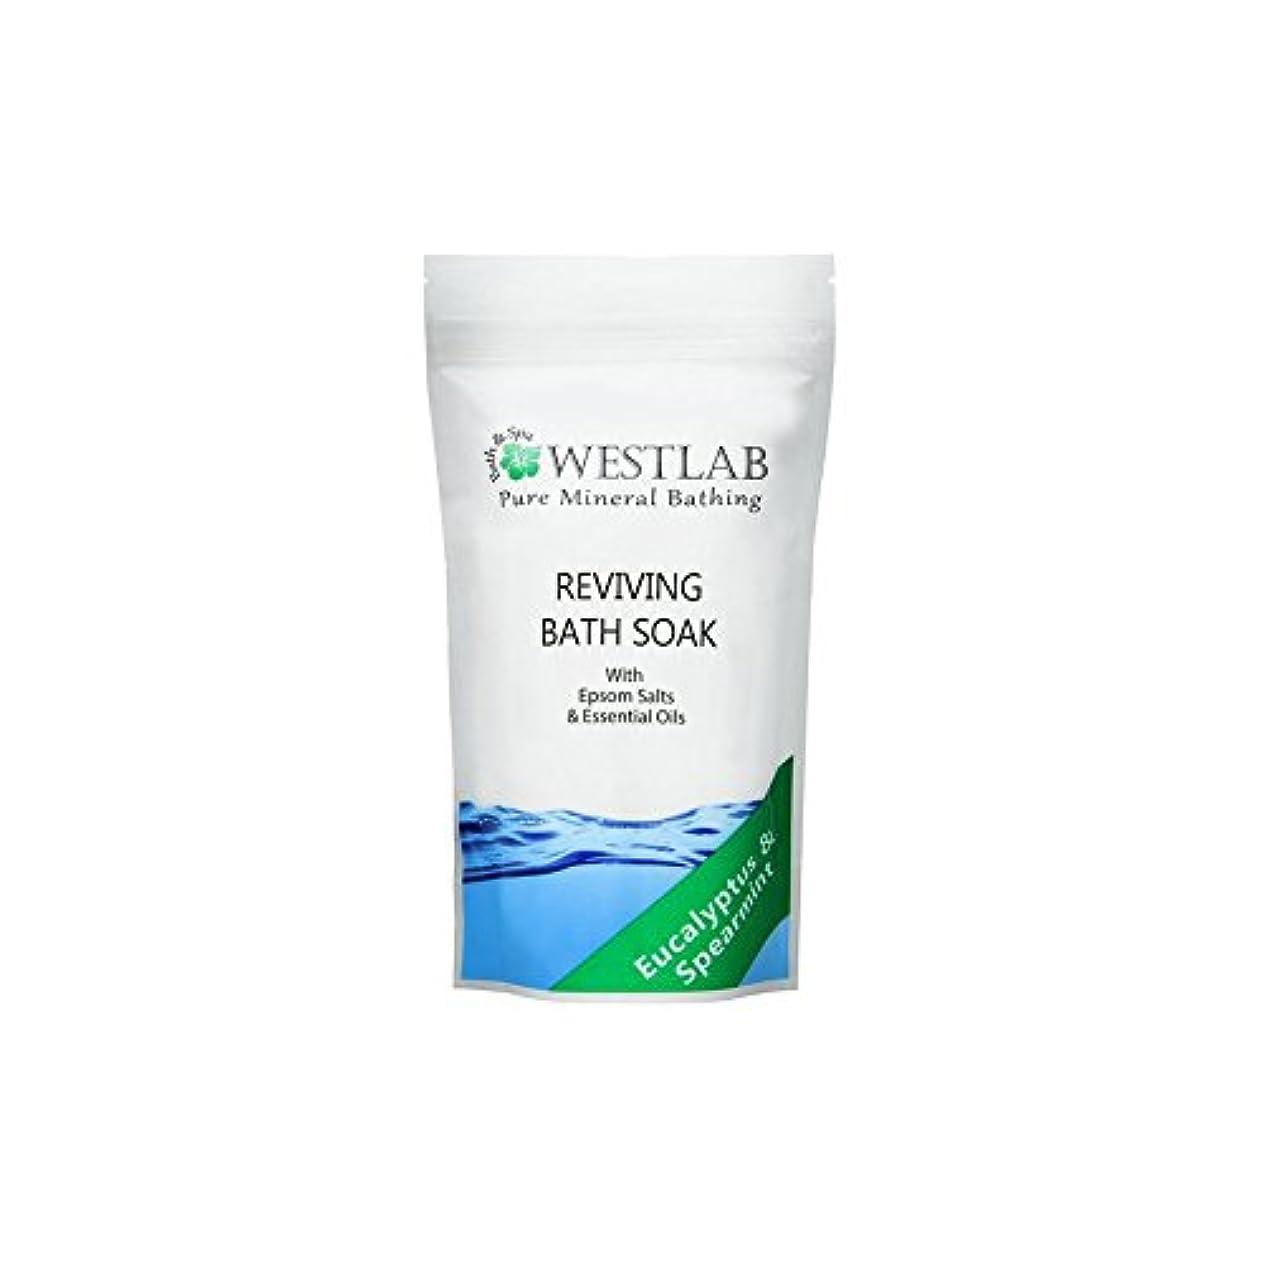 どこでも計画訪問(500グラム)をソークエプソム塩浴を復活させます x2 - Westlab Revive Epsom Salt Bath Soak (500g) (Pack of 2) [並行輸入品]